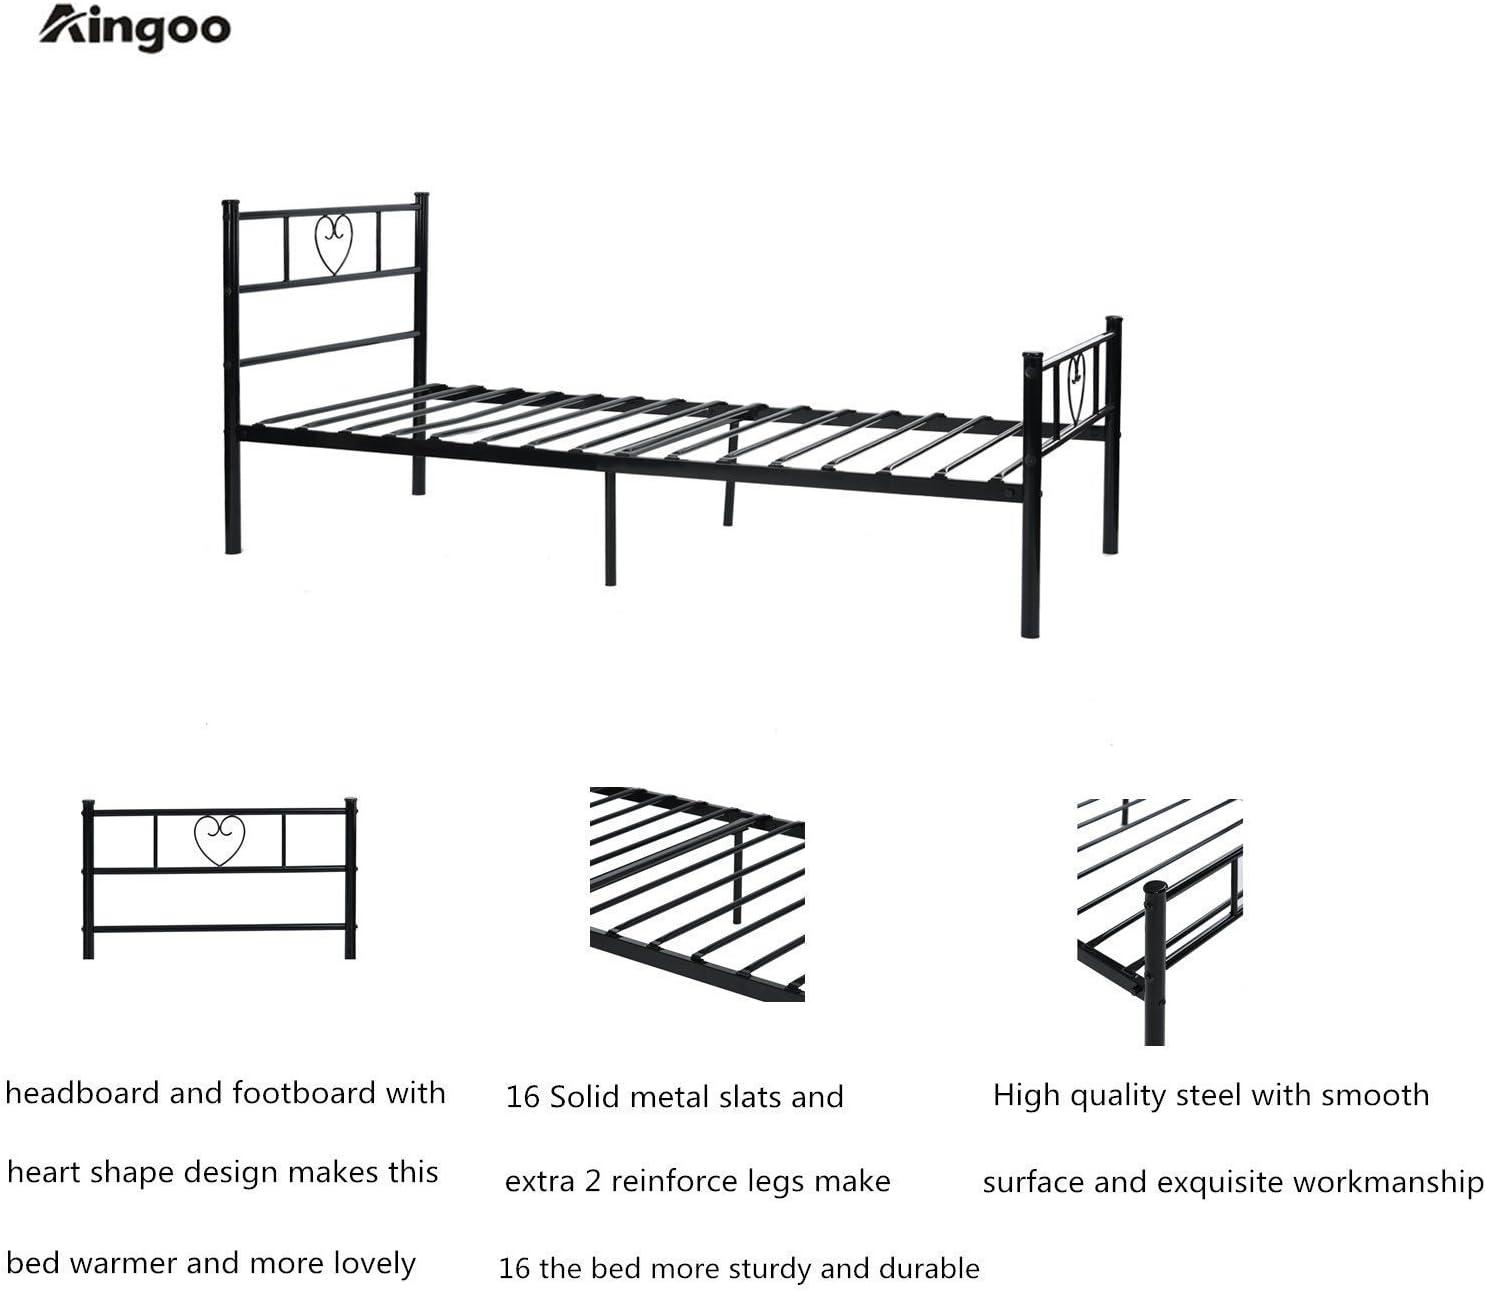 Aingoo Cama de Metal Estructura Cama Individual con somier y Cama de Metal con Listones 90/_x/_190/_cm